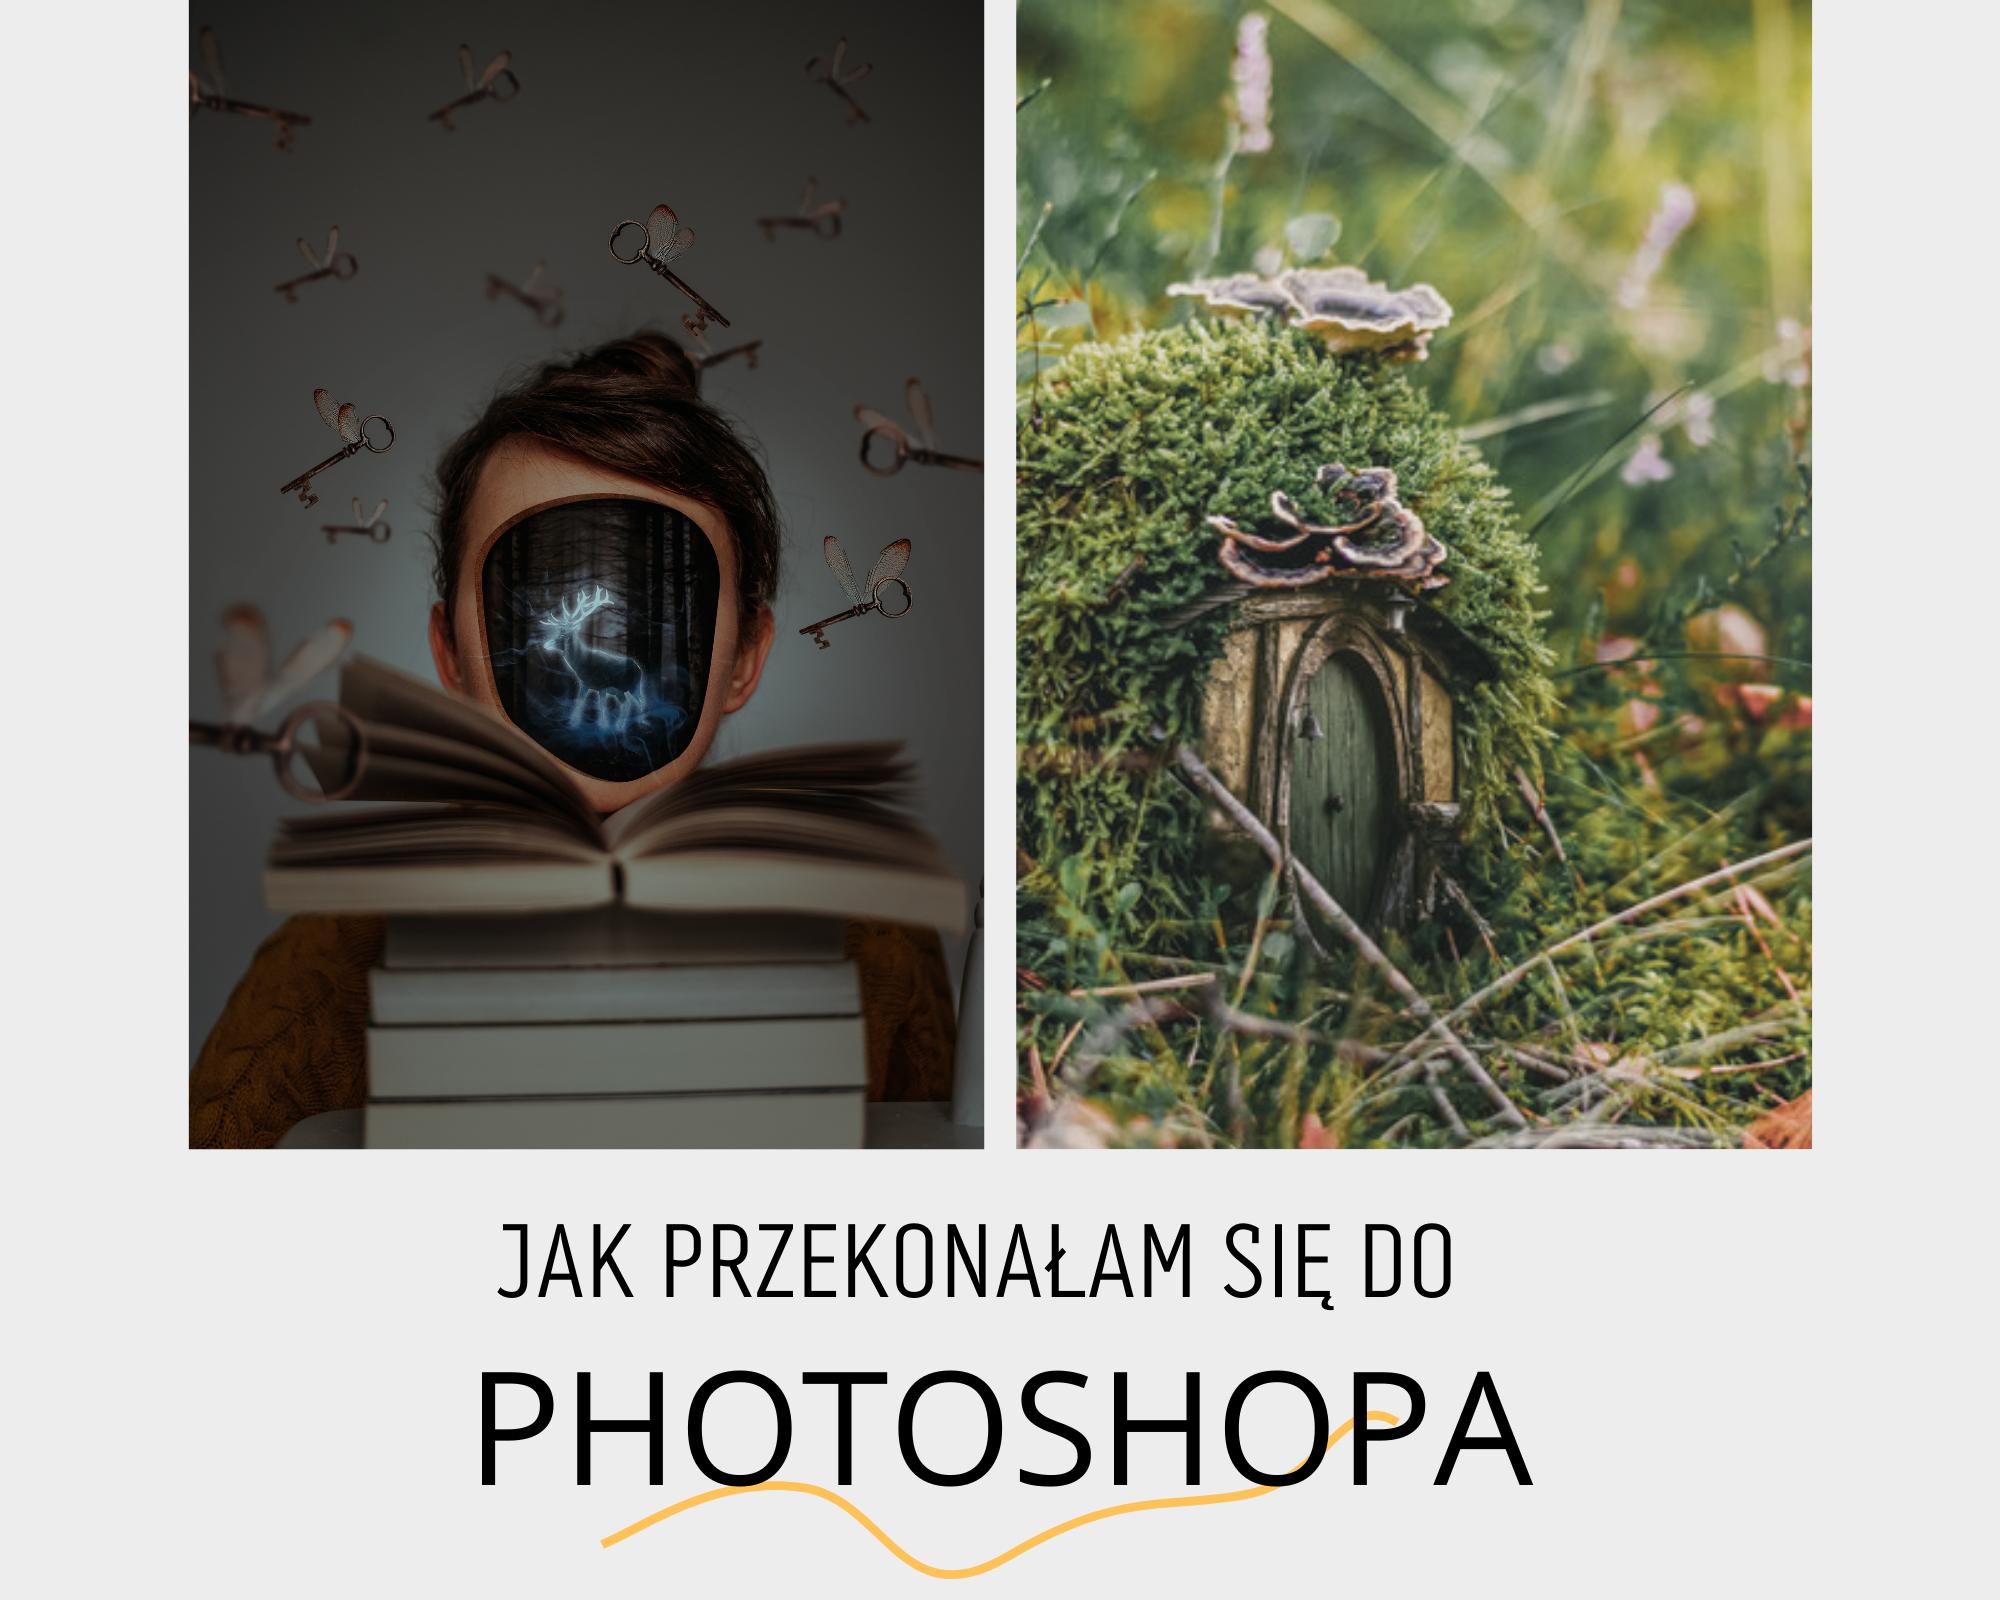 Jak zacząć obrabiać zdjęcia w Photoshopie